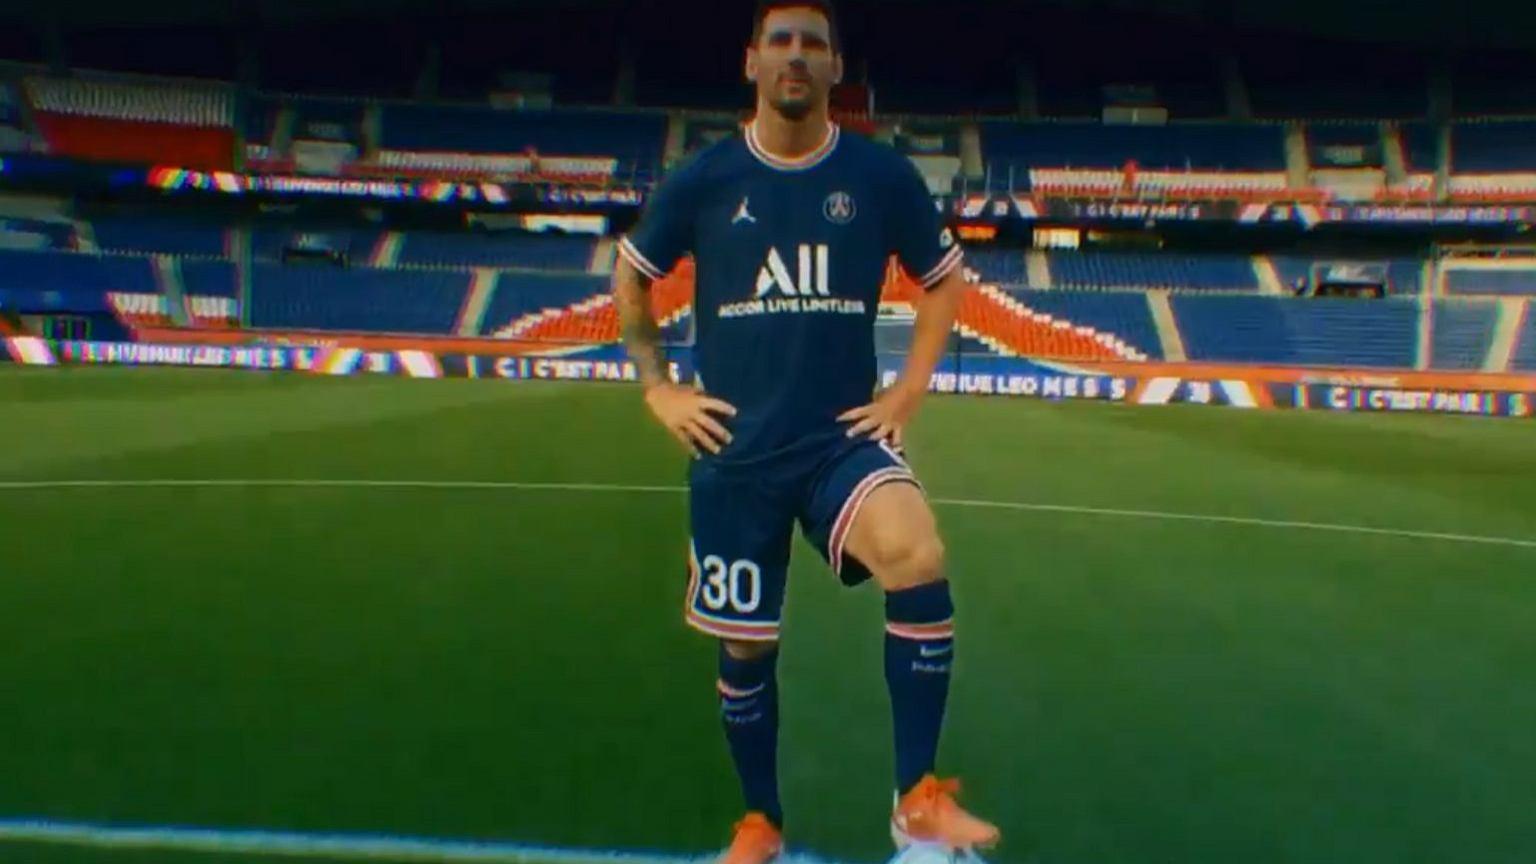 Jest kadra meczowa PSG na mecz Ligue 1! Debiut Messiego kwesti